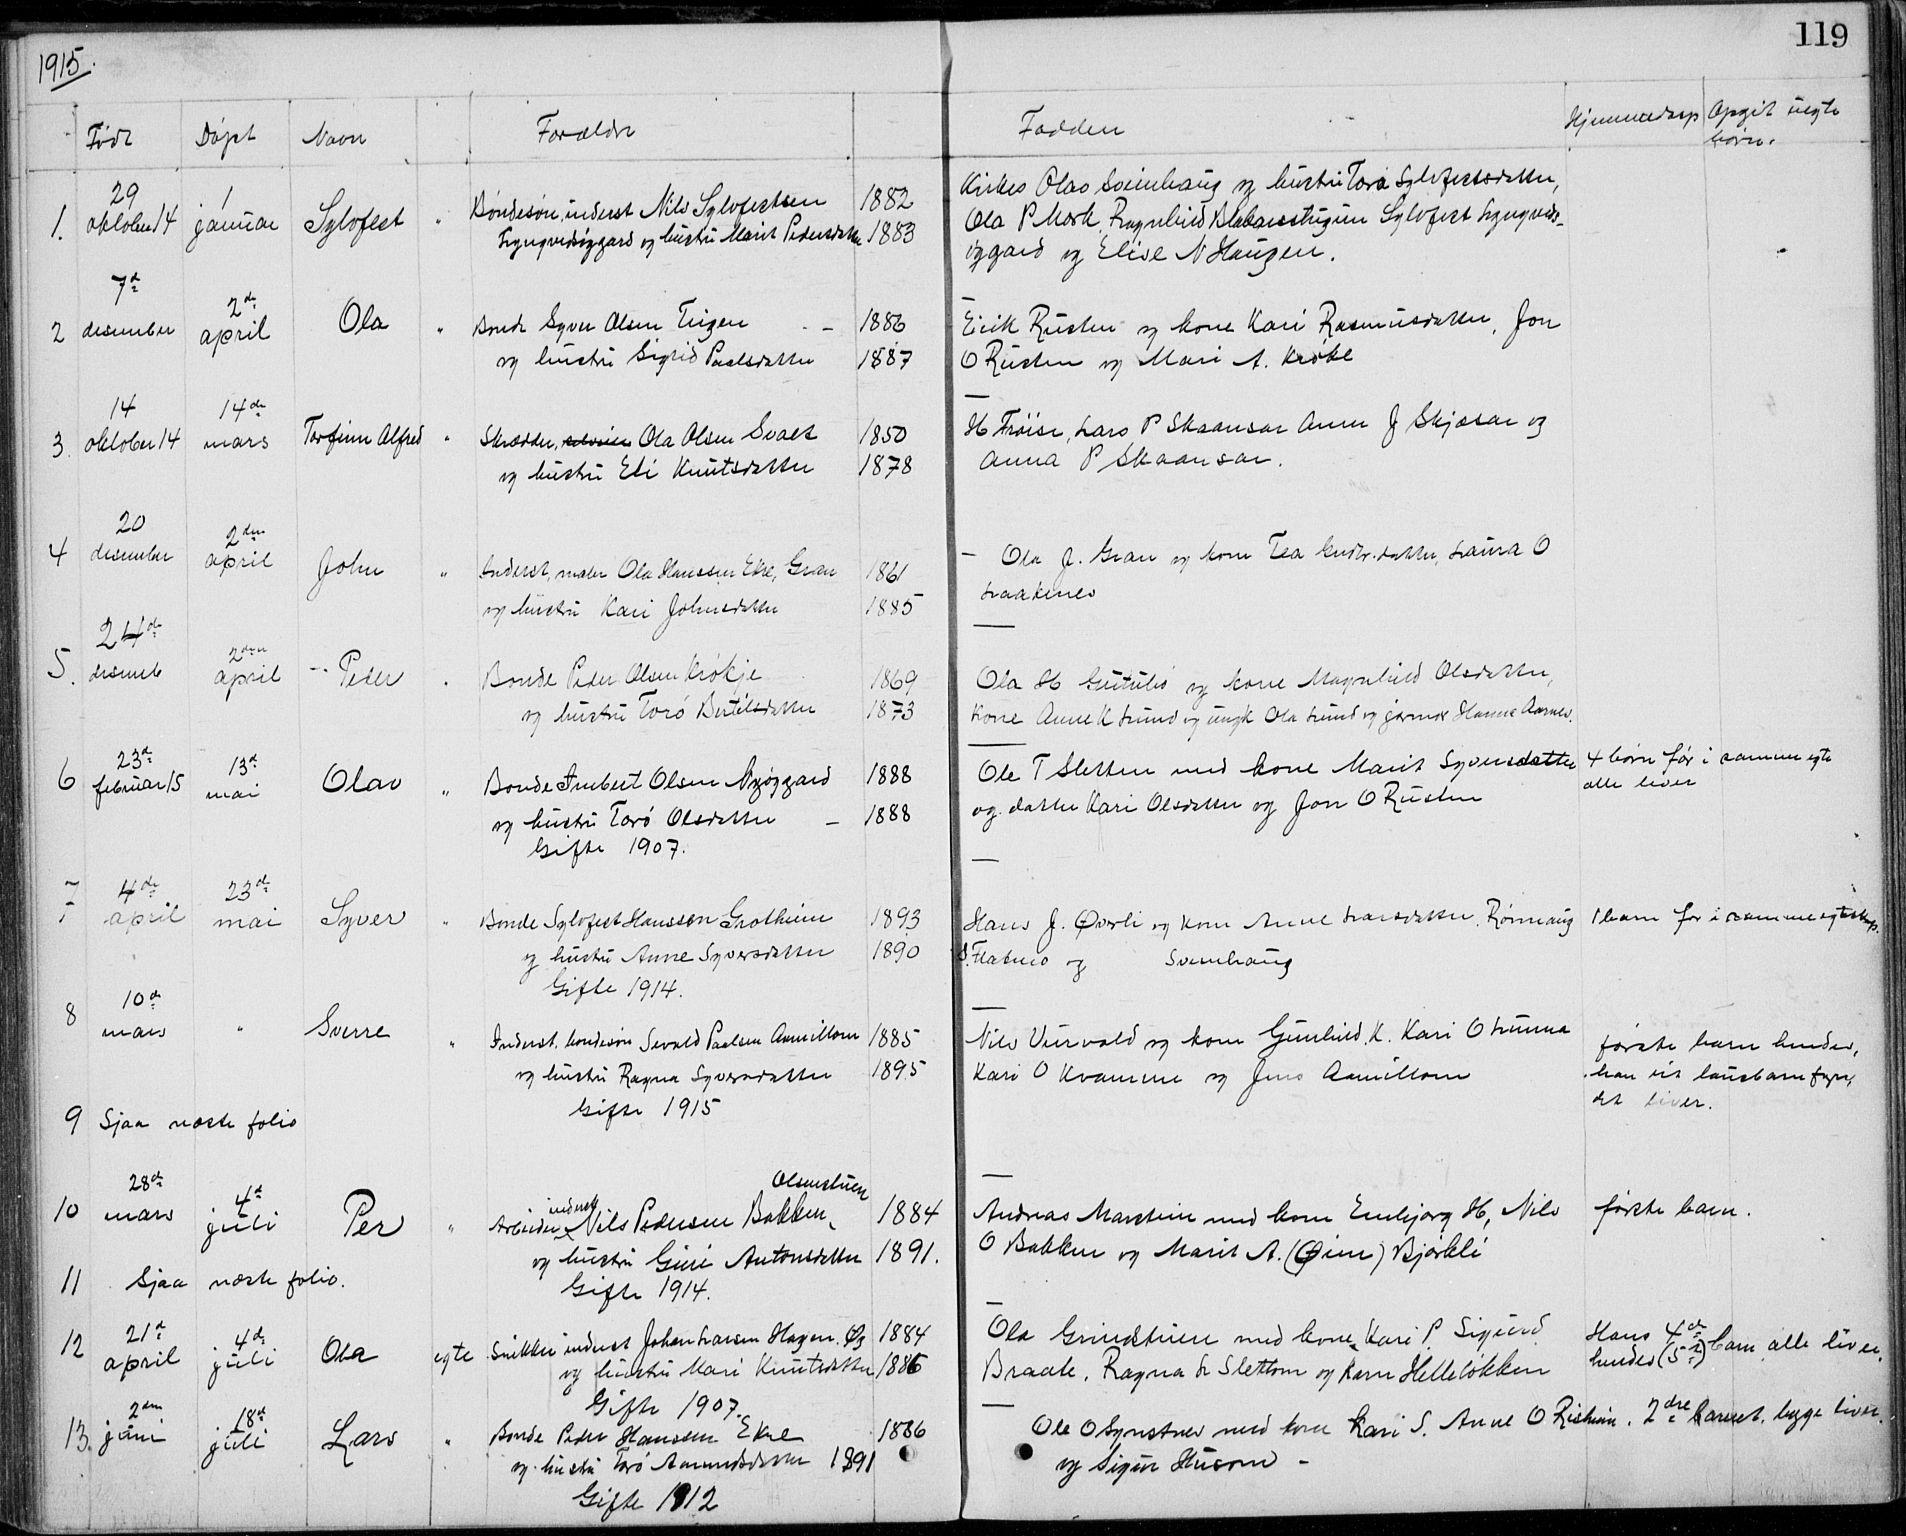 SAH, Lom prestekontor, L/L0013: Klokkerbok nr. 13, 1874-1938, s. 119